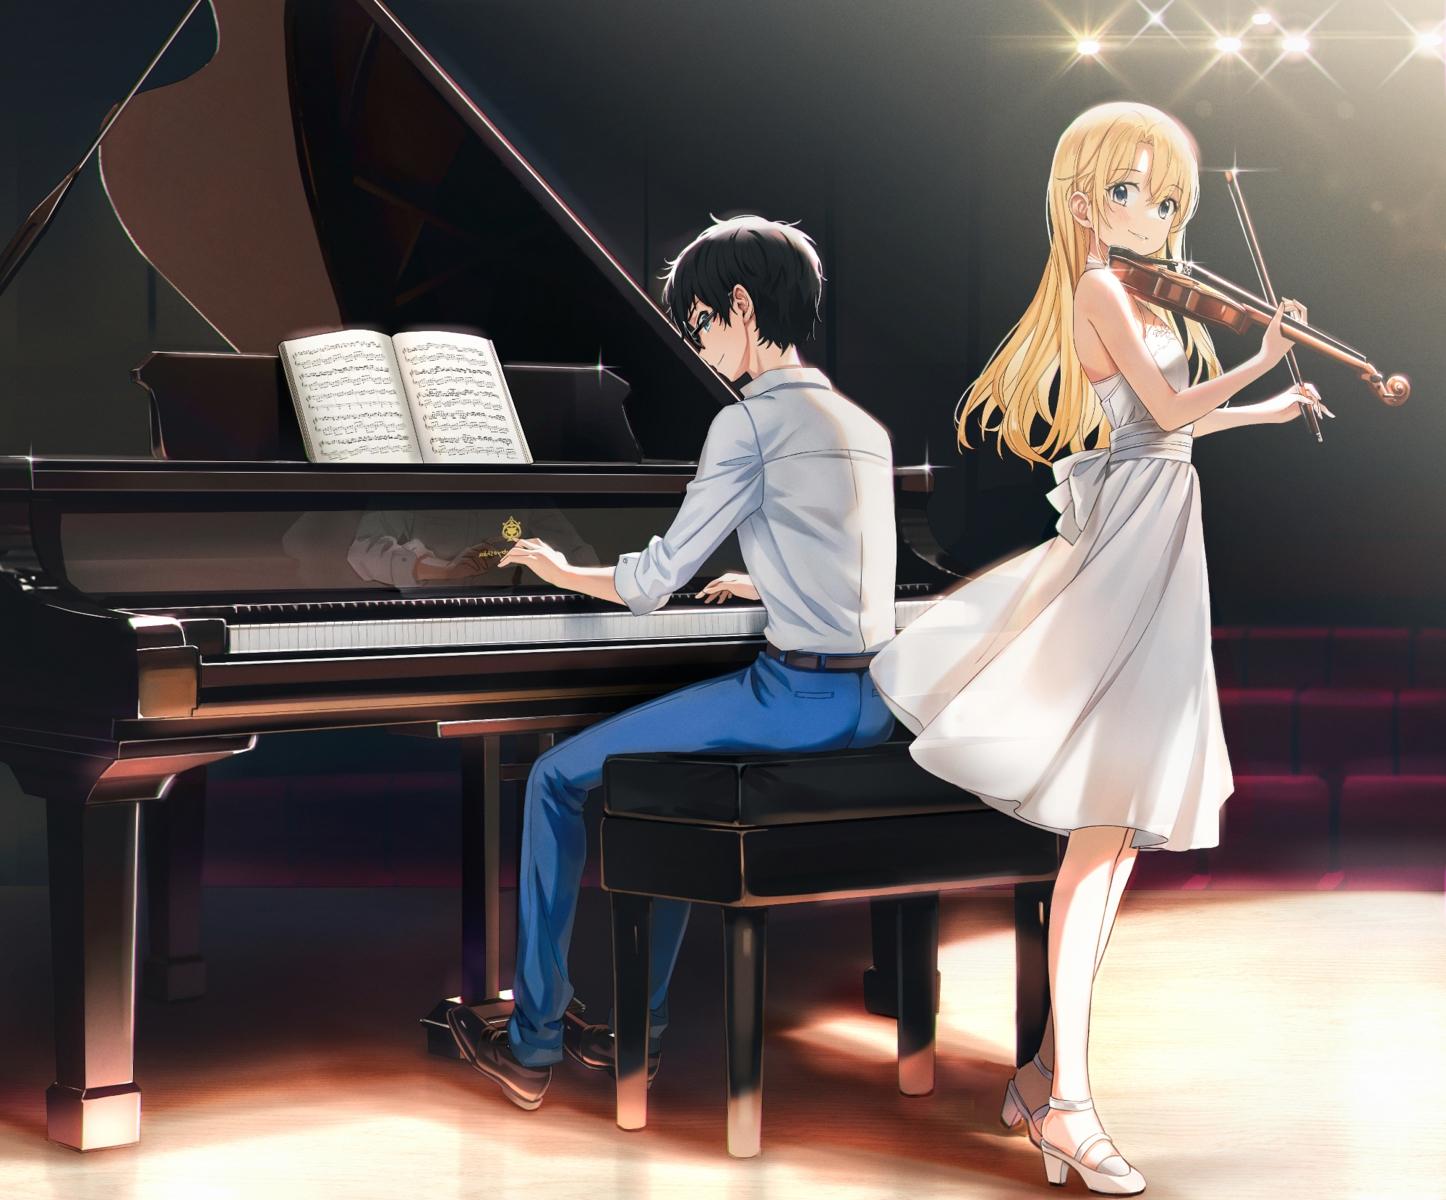 aliasing arima_kousei blonde_hair cropped instrument long_hair male miyazono_kaori piano popuru reflection shigatsu_wa_kimi_no_uso